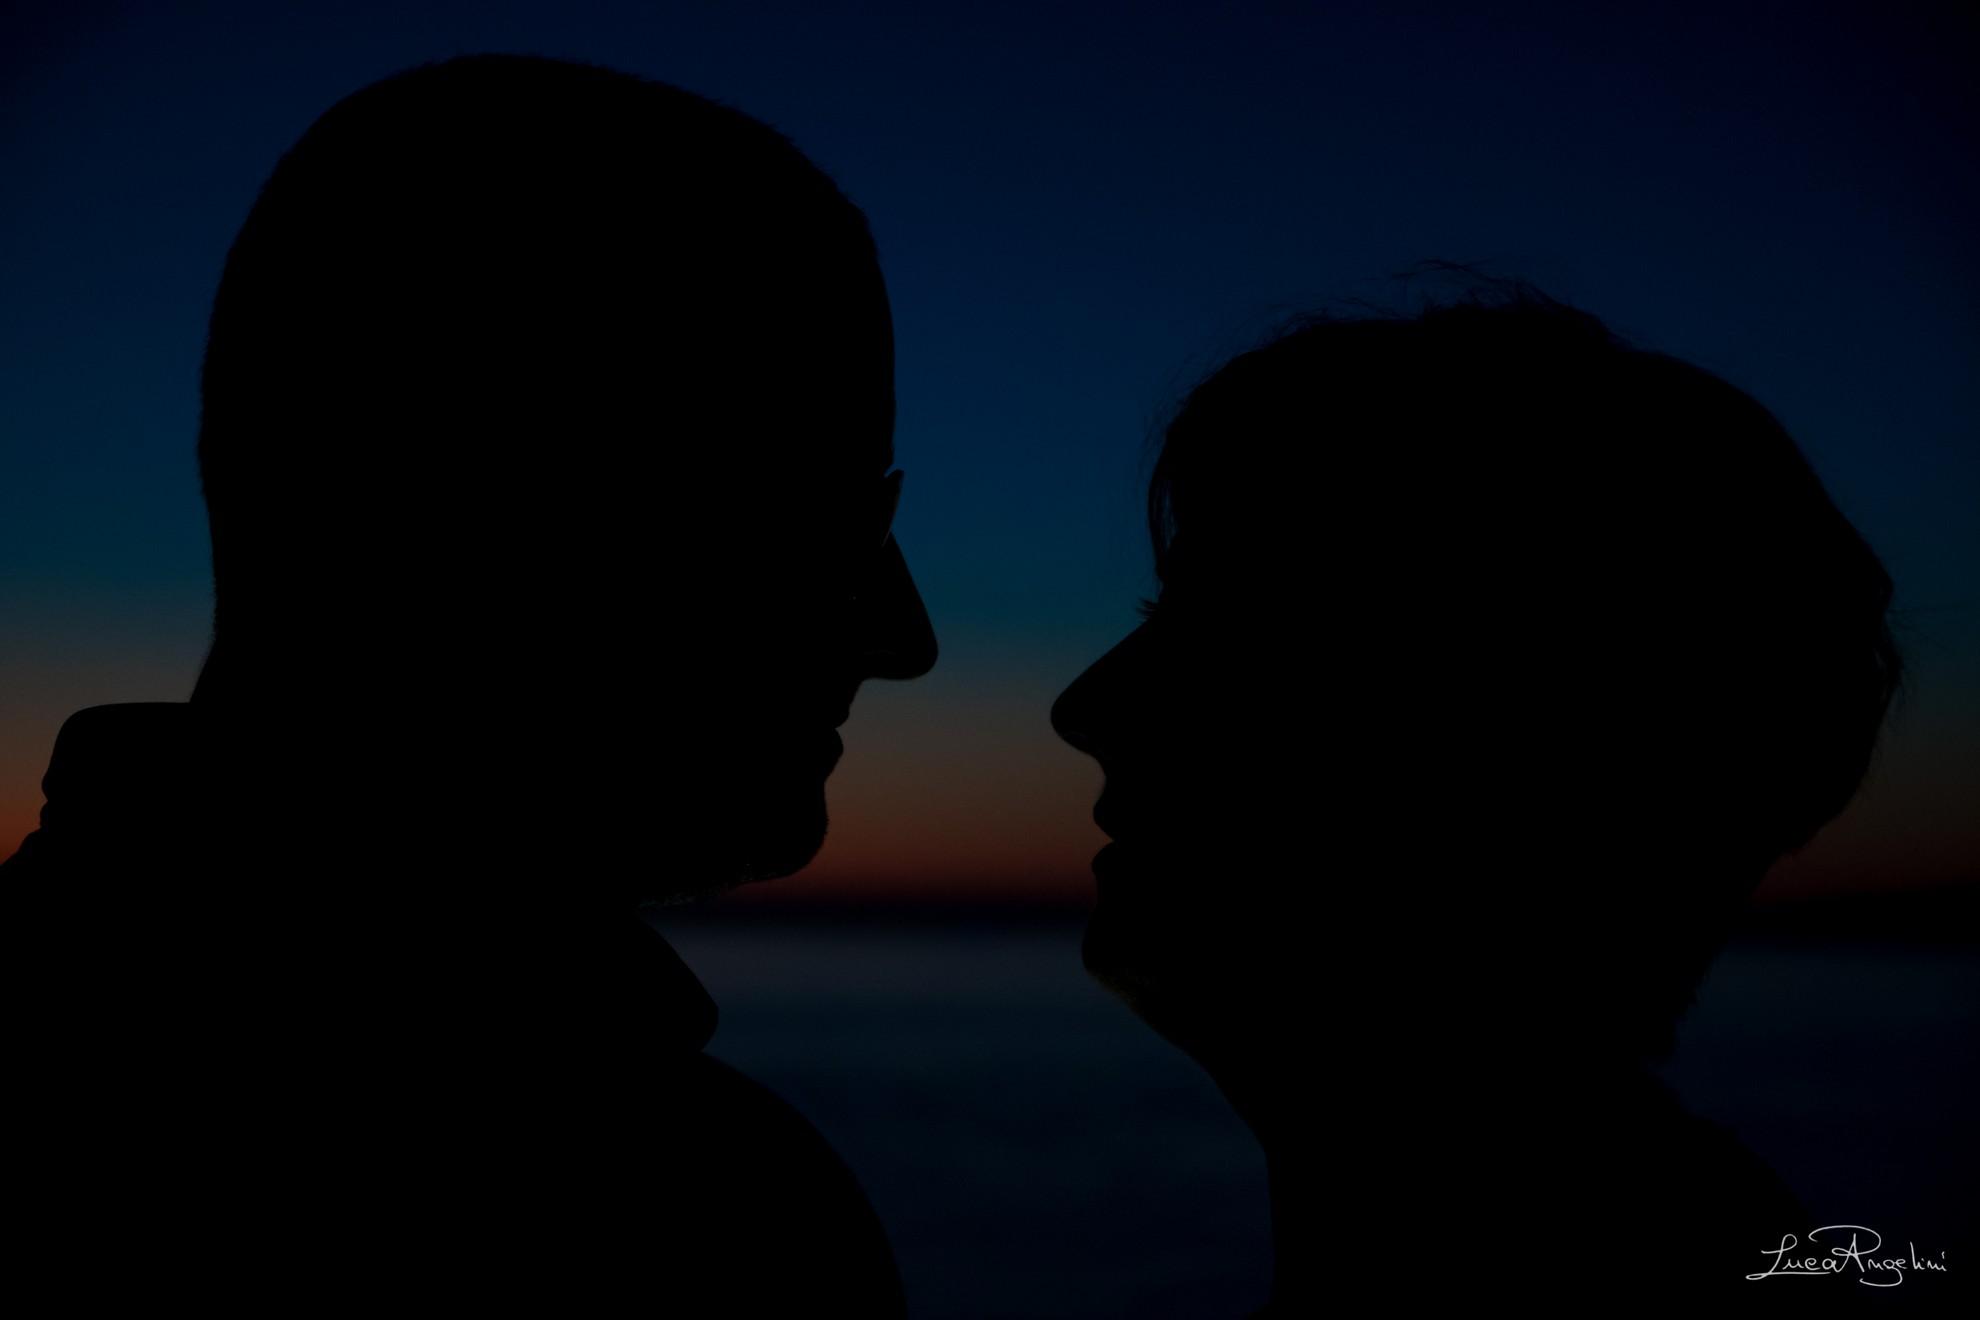 """- COME NELLE FAVOLE - VASCO ROSSI """"...Quello che potremmo fare io e te non l'ho mai detto a nessuno però ne sono sicuro. Quello che potremmo fare io e te non si può neanche immaginare... Io e te, io e te come nelle favole...""""⠀"""